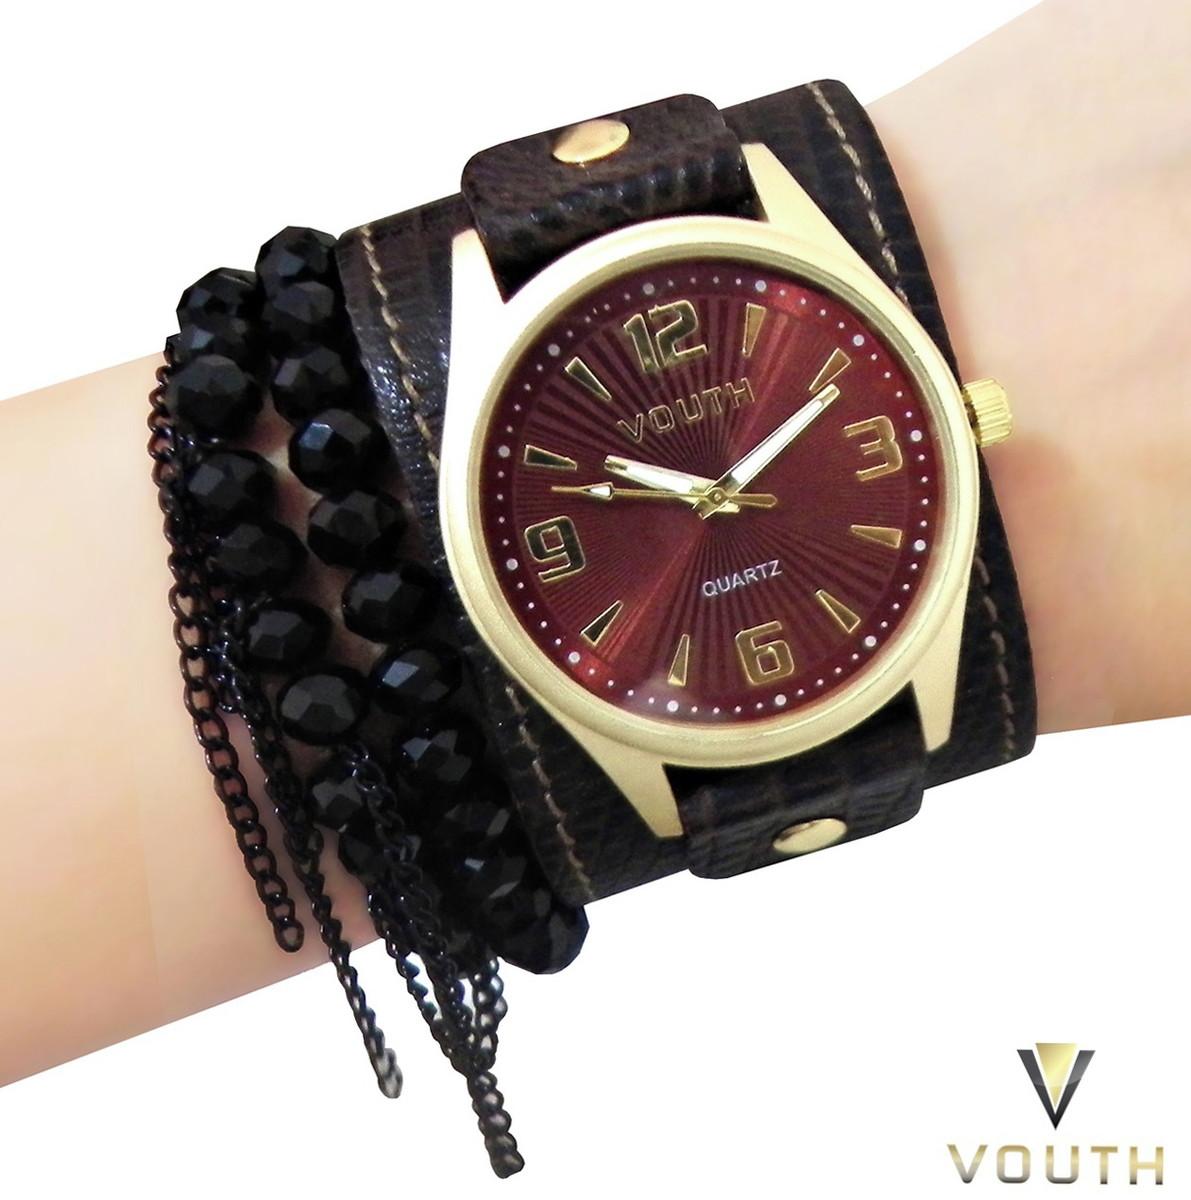 21c5a1d80 Relógio Feminino Com Bracelete de Couro E Pulseiras no Elo7 ...